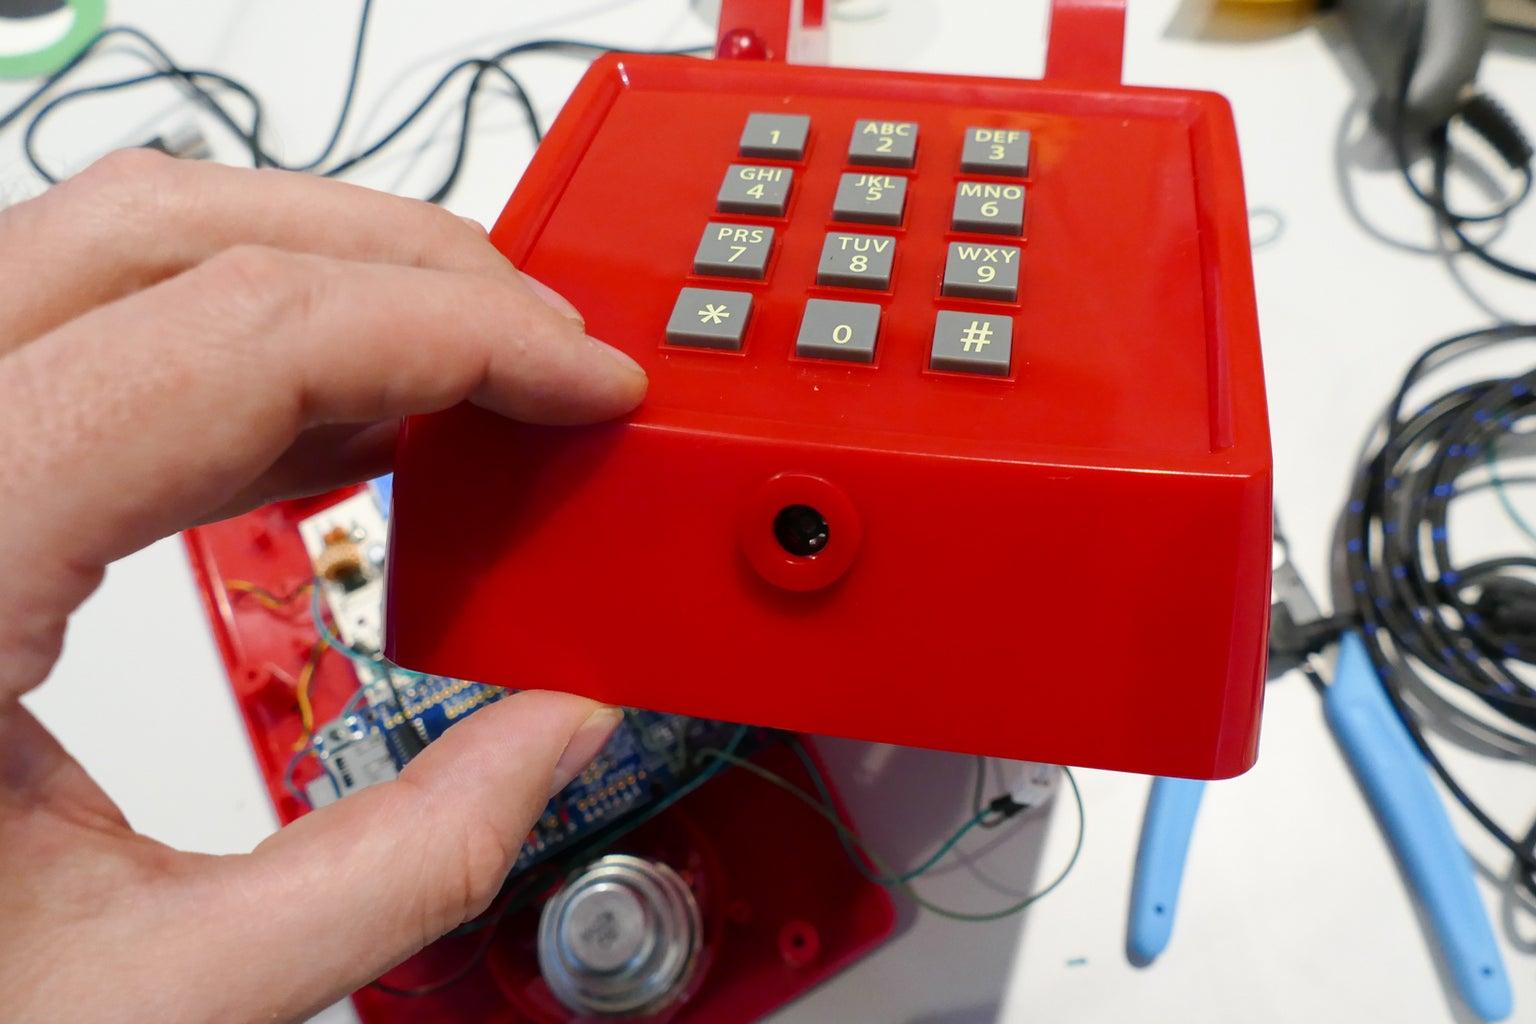 Install Our Proximity (Motion) Sensor